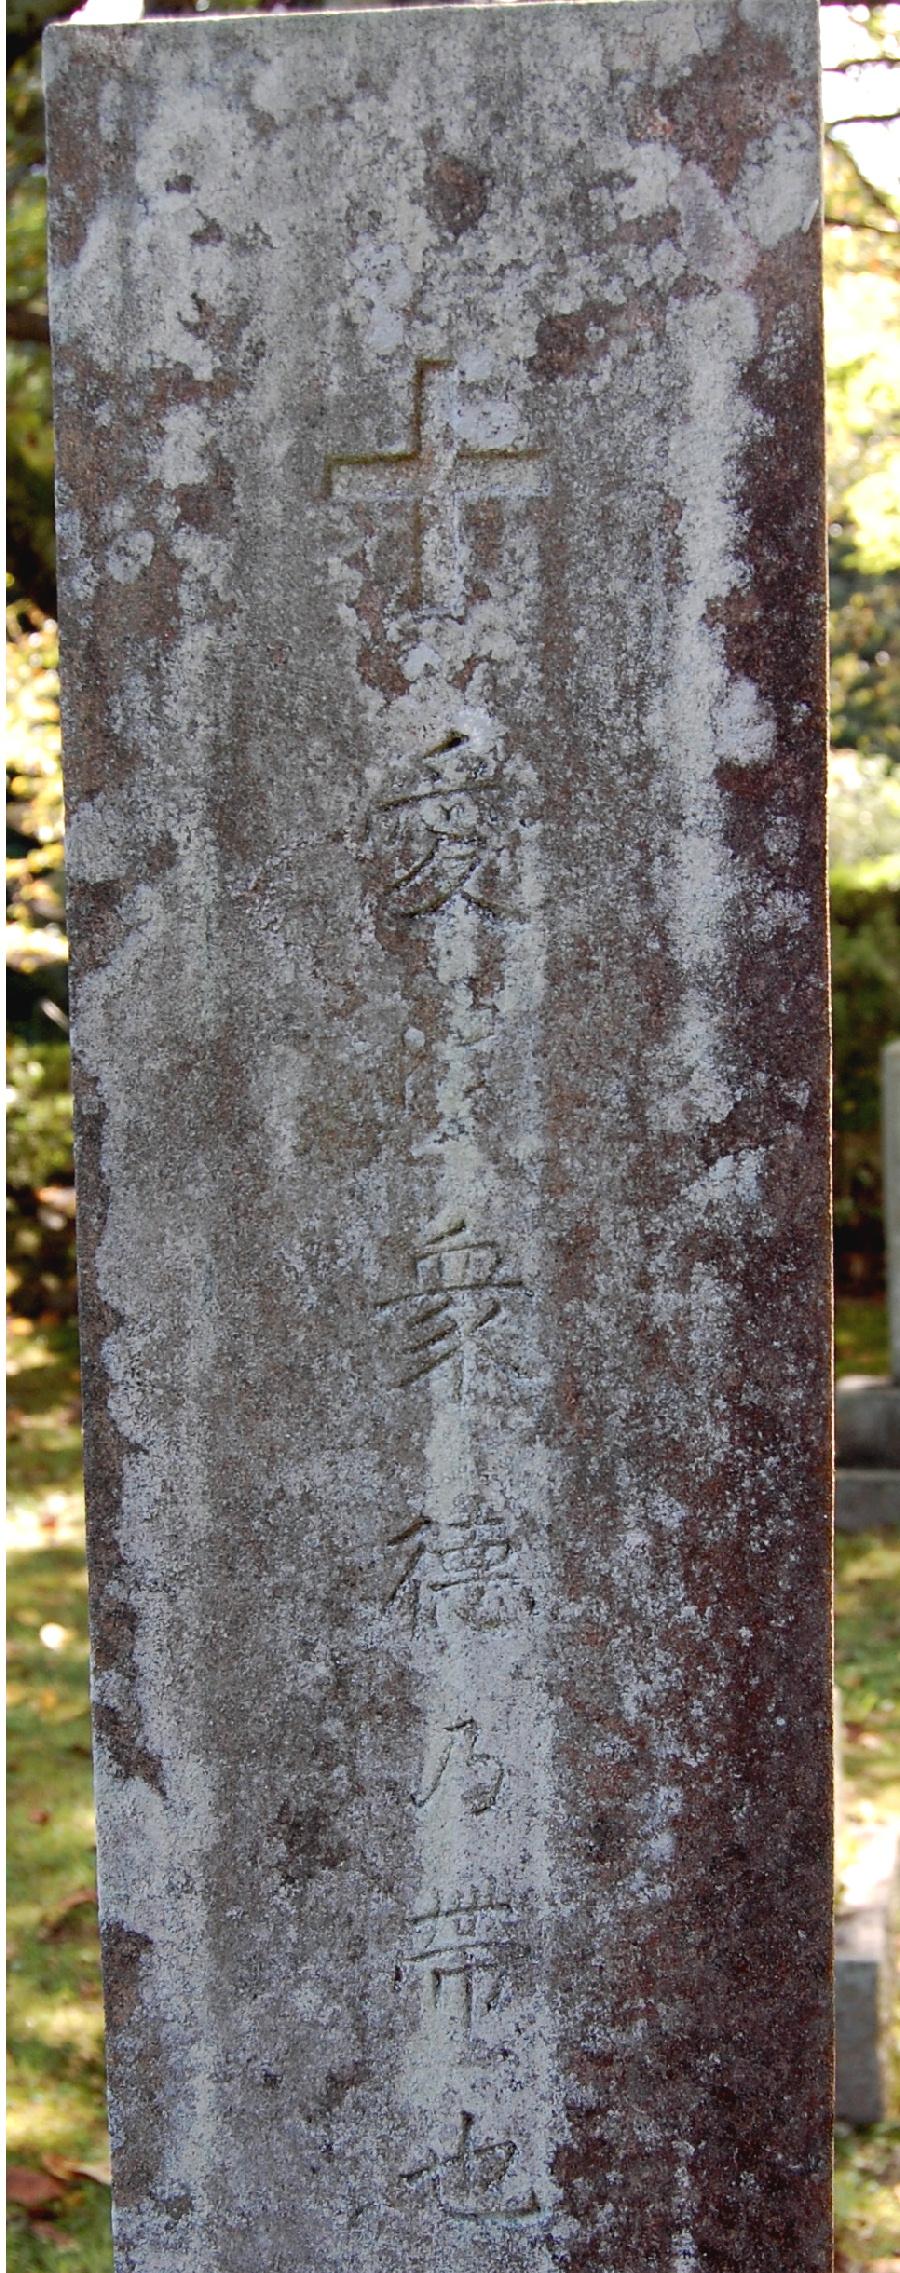 「愛 衆徳之帯也」と刻まれた故陸軍砲兵曹長の墓碑